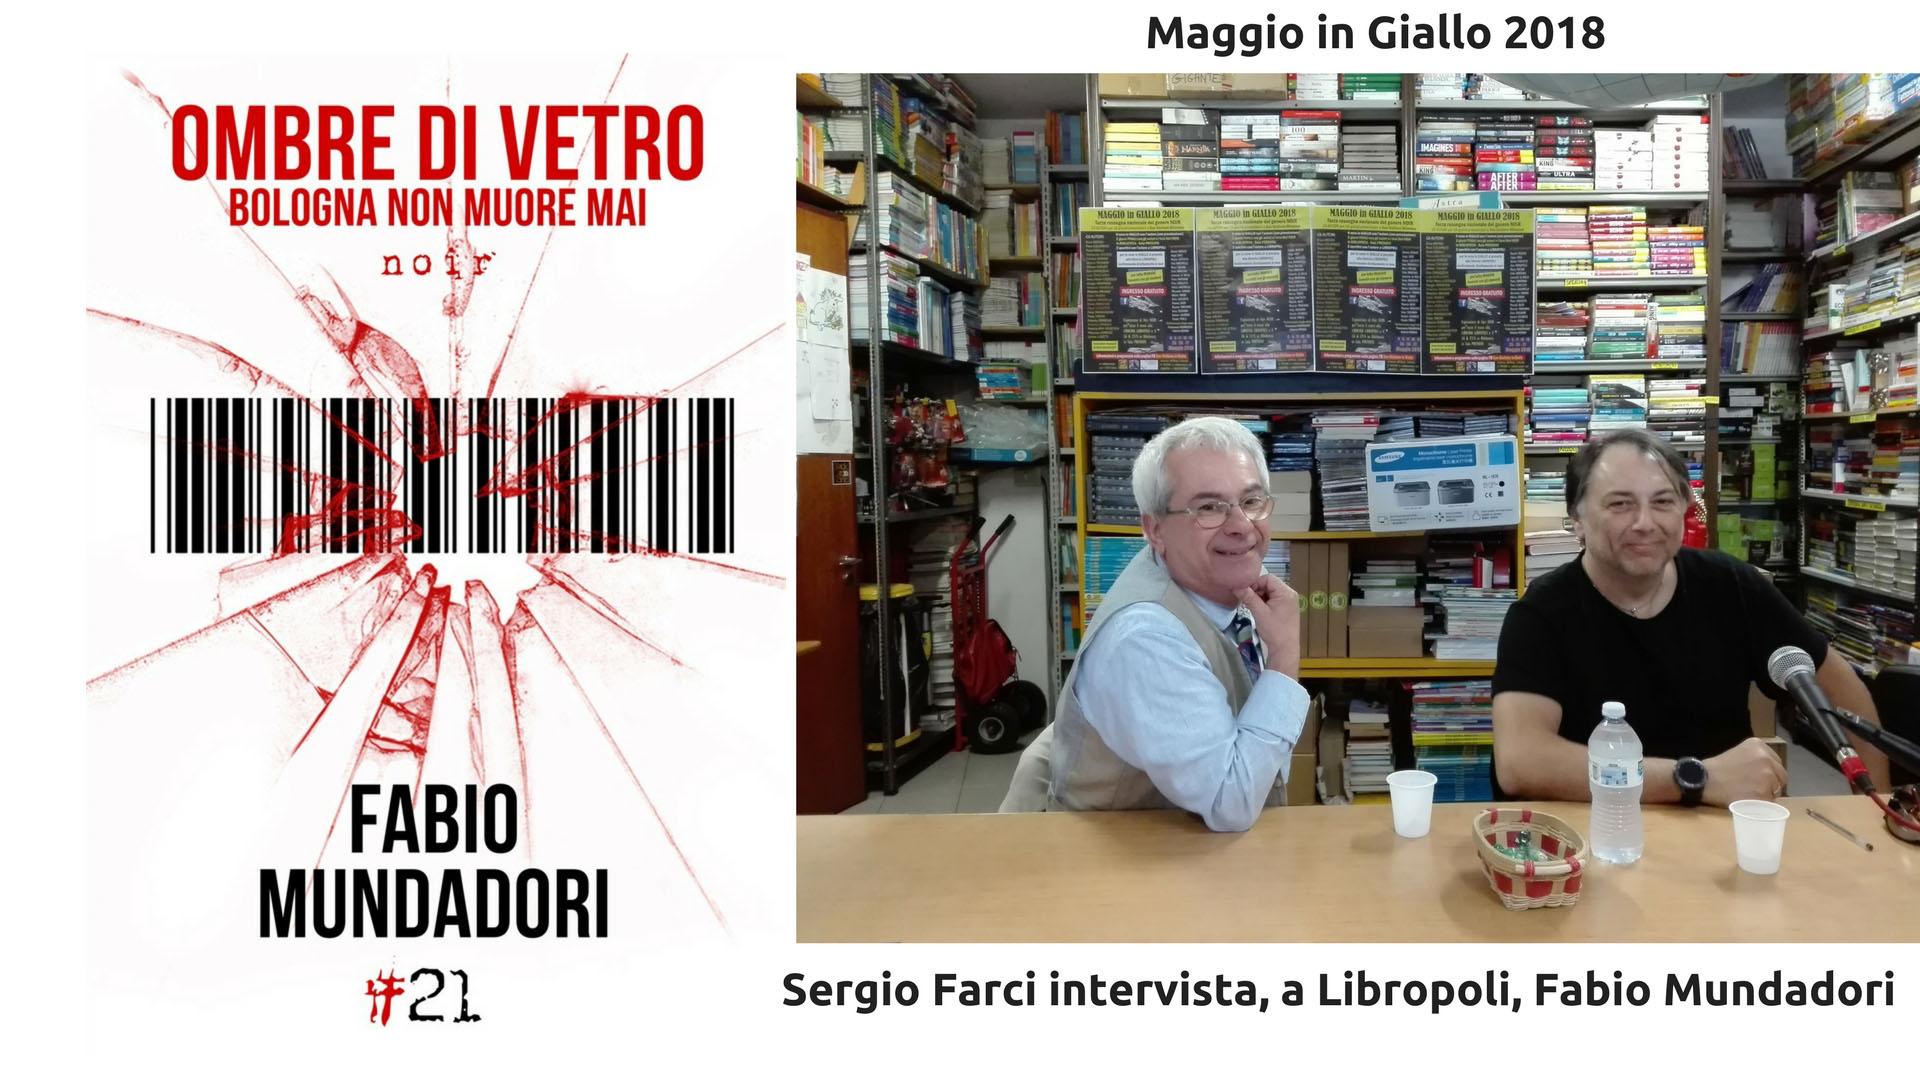 03797_maggiogiallo_libropoli_2018